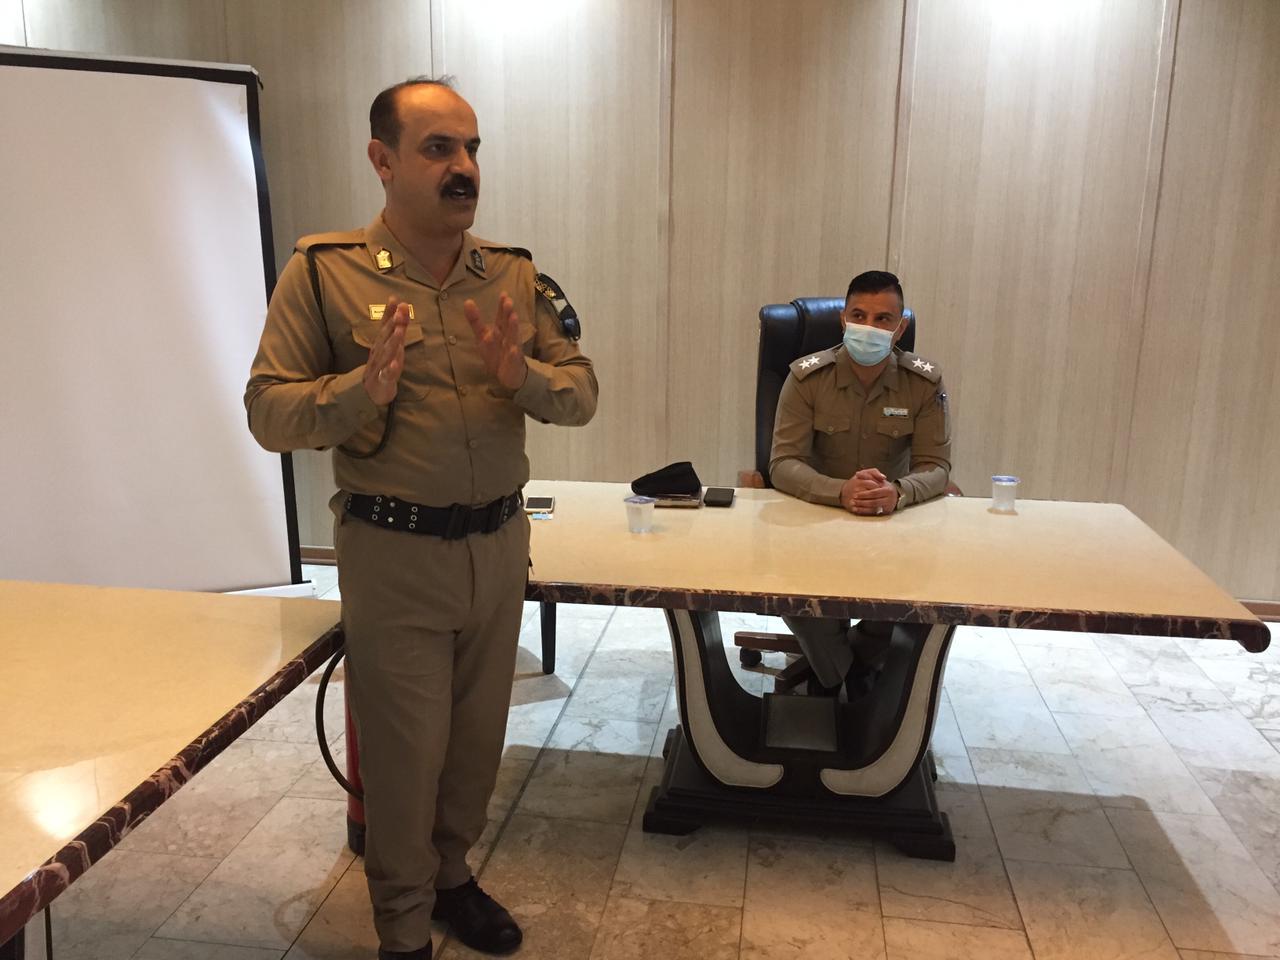 التجارة… شركة المعارض العراقية تنظم ندوة تثقيفة حول الدفاع المدني واجراءات السلامة العامة في المؤسسات الحكومية